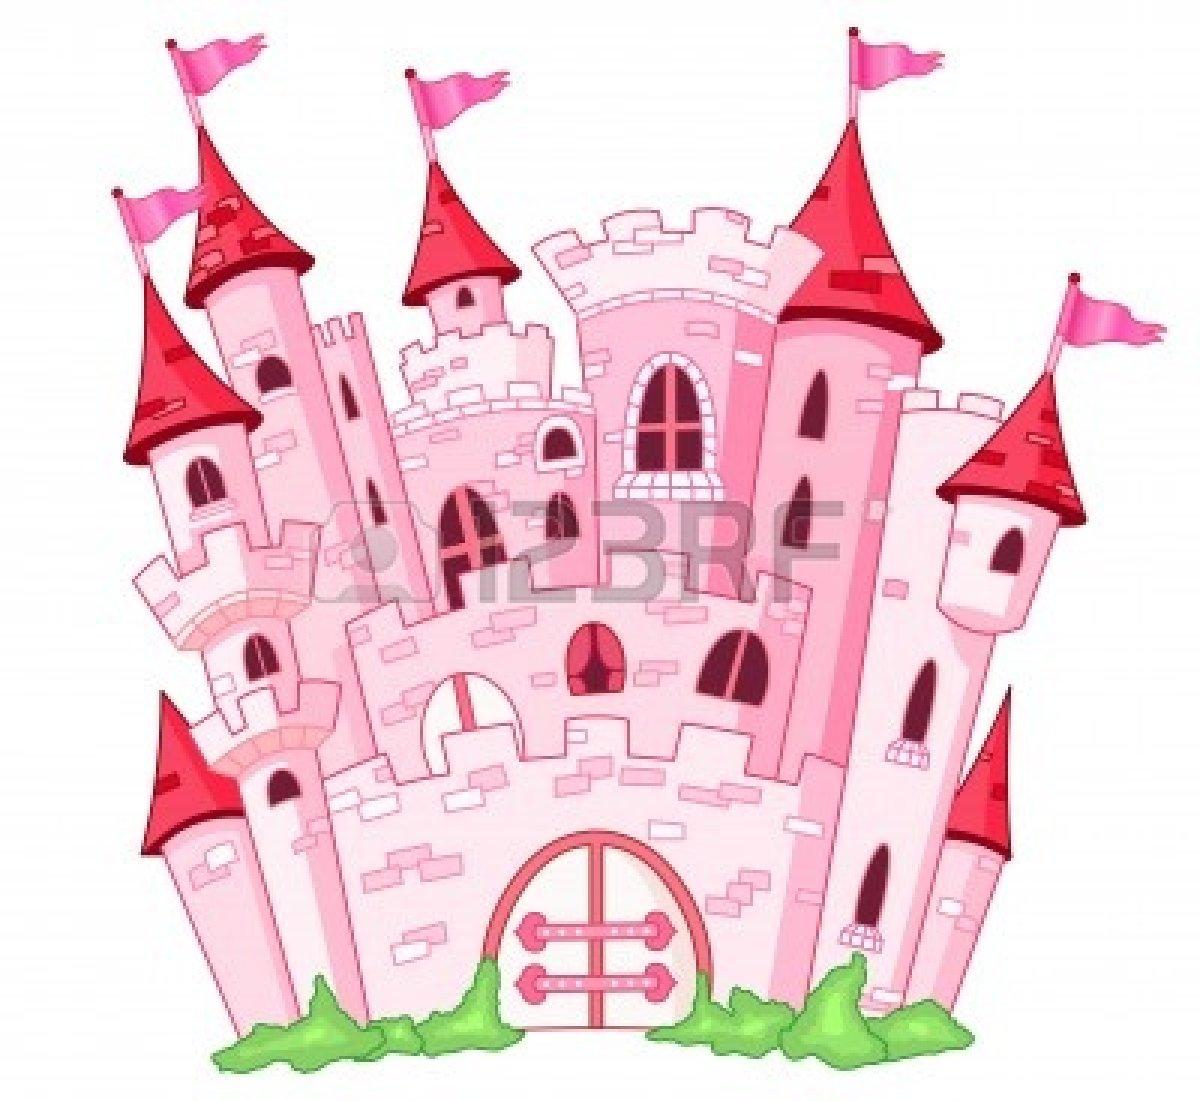 pink princess castle clipart clipart panda free clipart images rh clipartpanda com castle images clipart castle clipart images